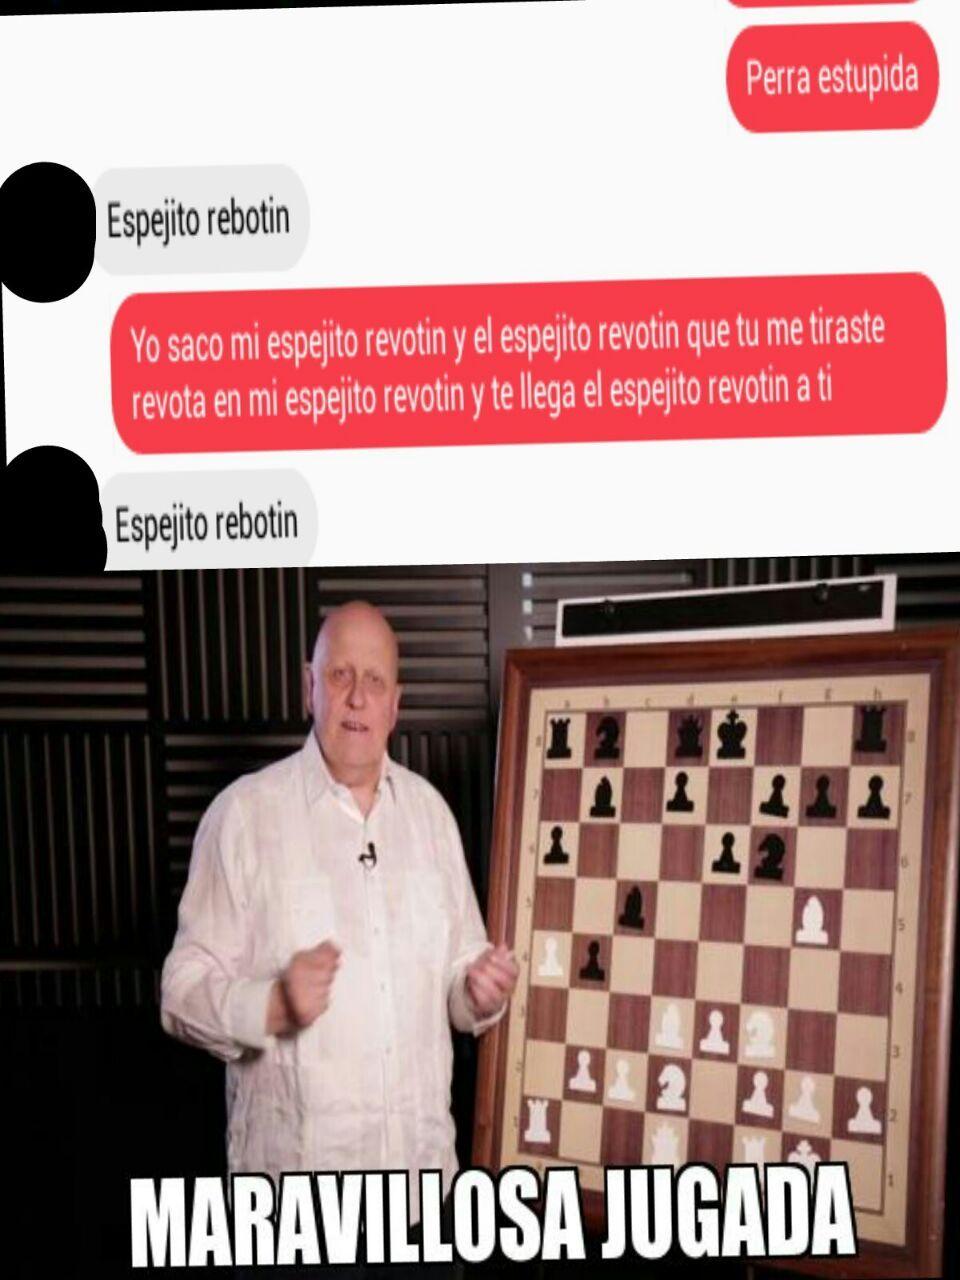 Jugada buena :v - meme